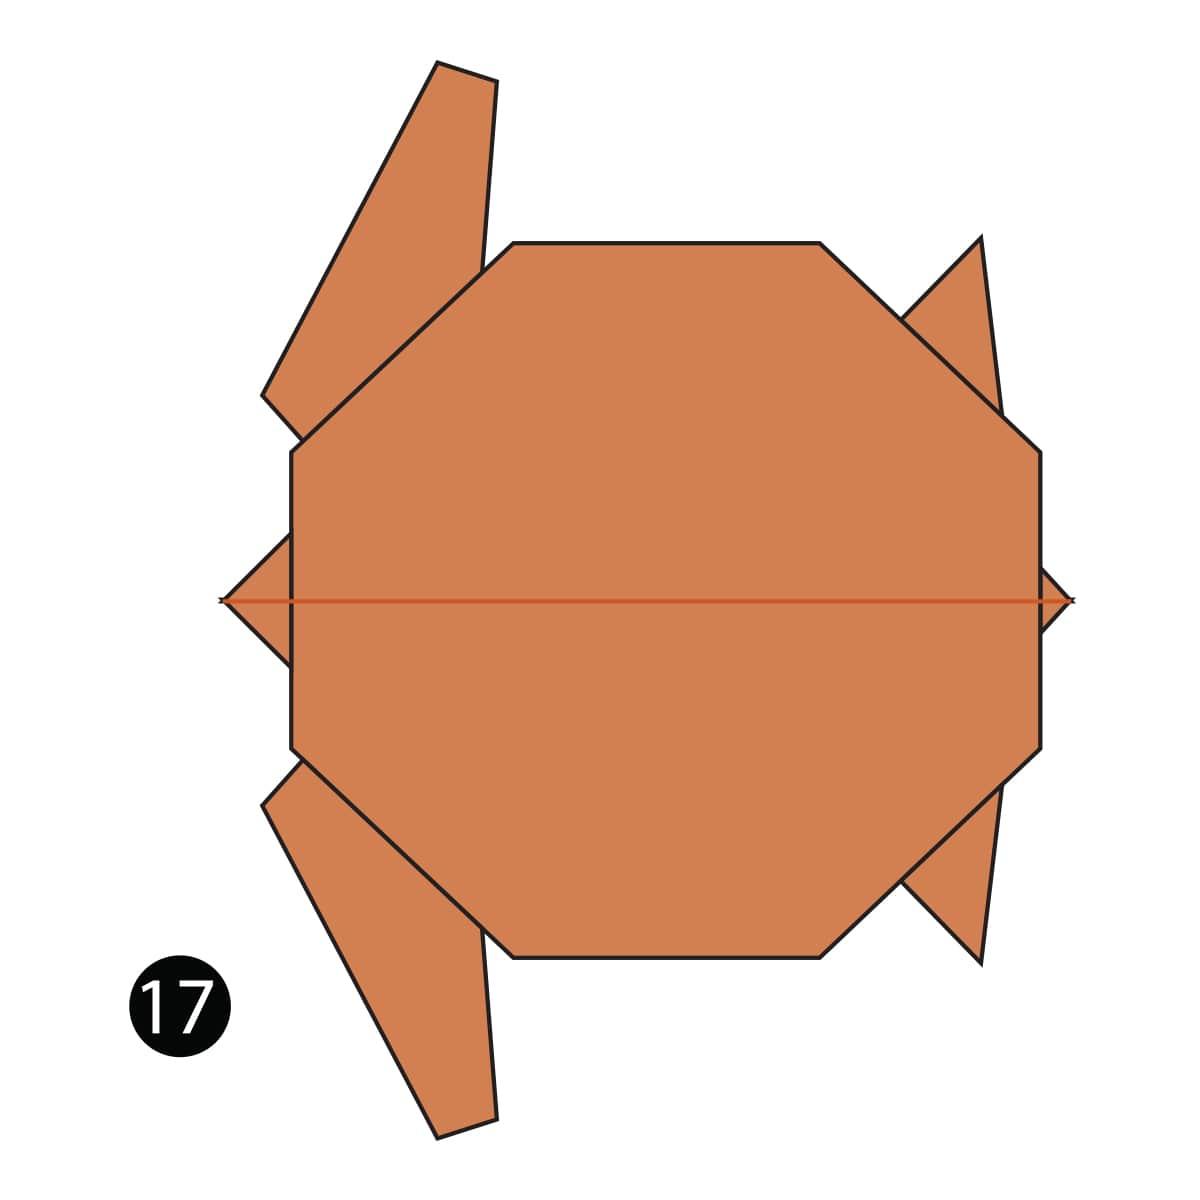 Turtle Step 17